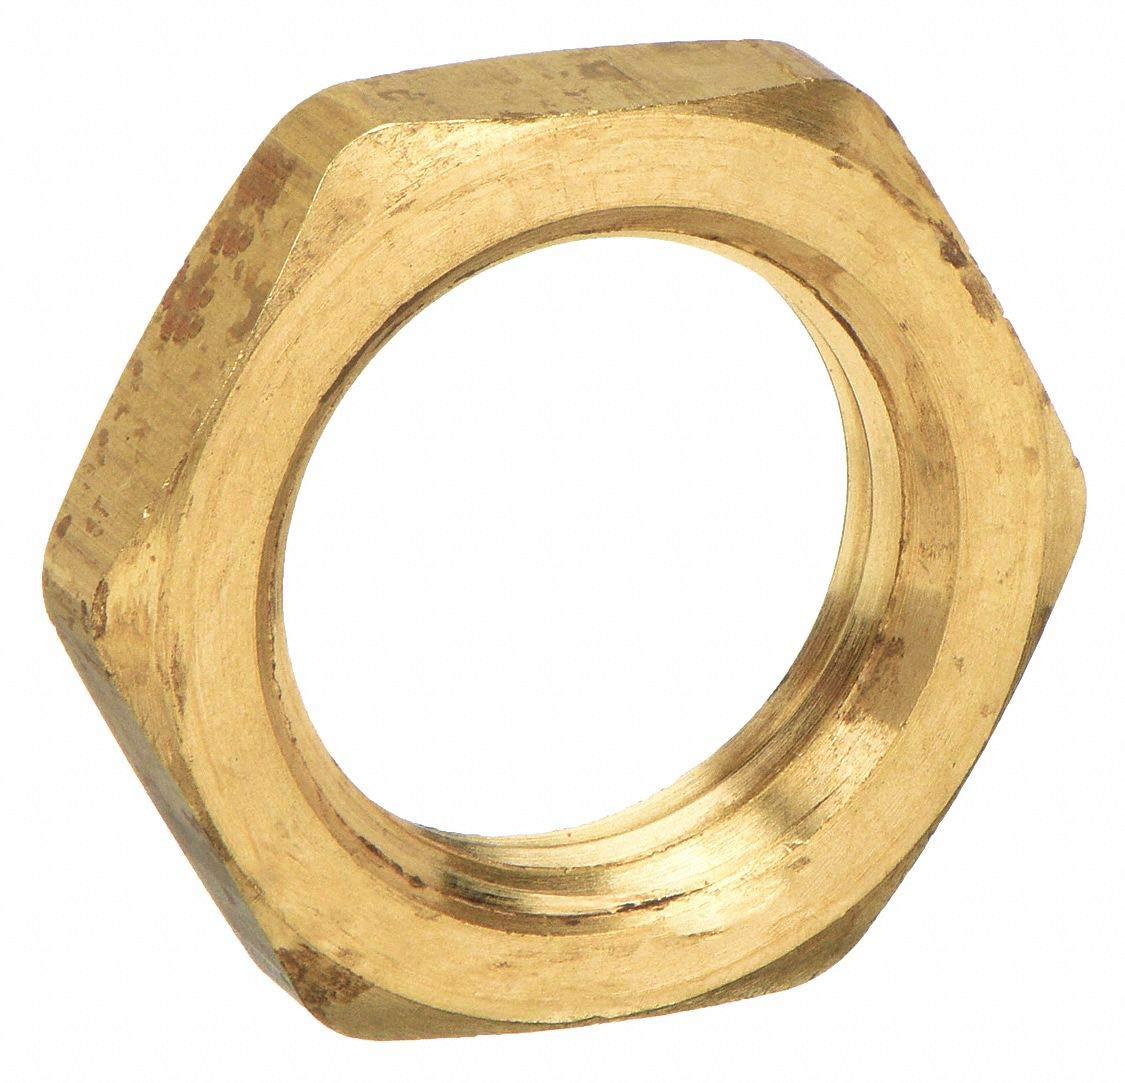 NPSL Lock Nut Brass NPSL 1//8 Parker 210P-2 Pipe Fitting